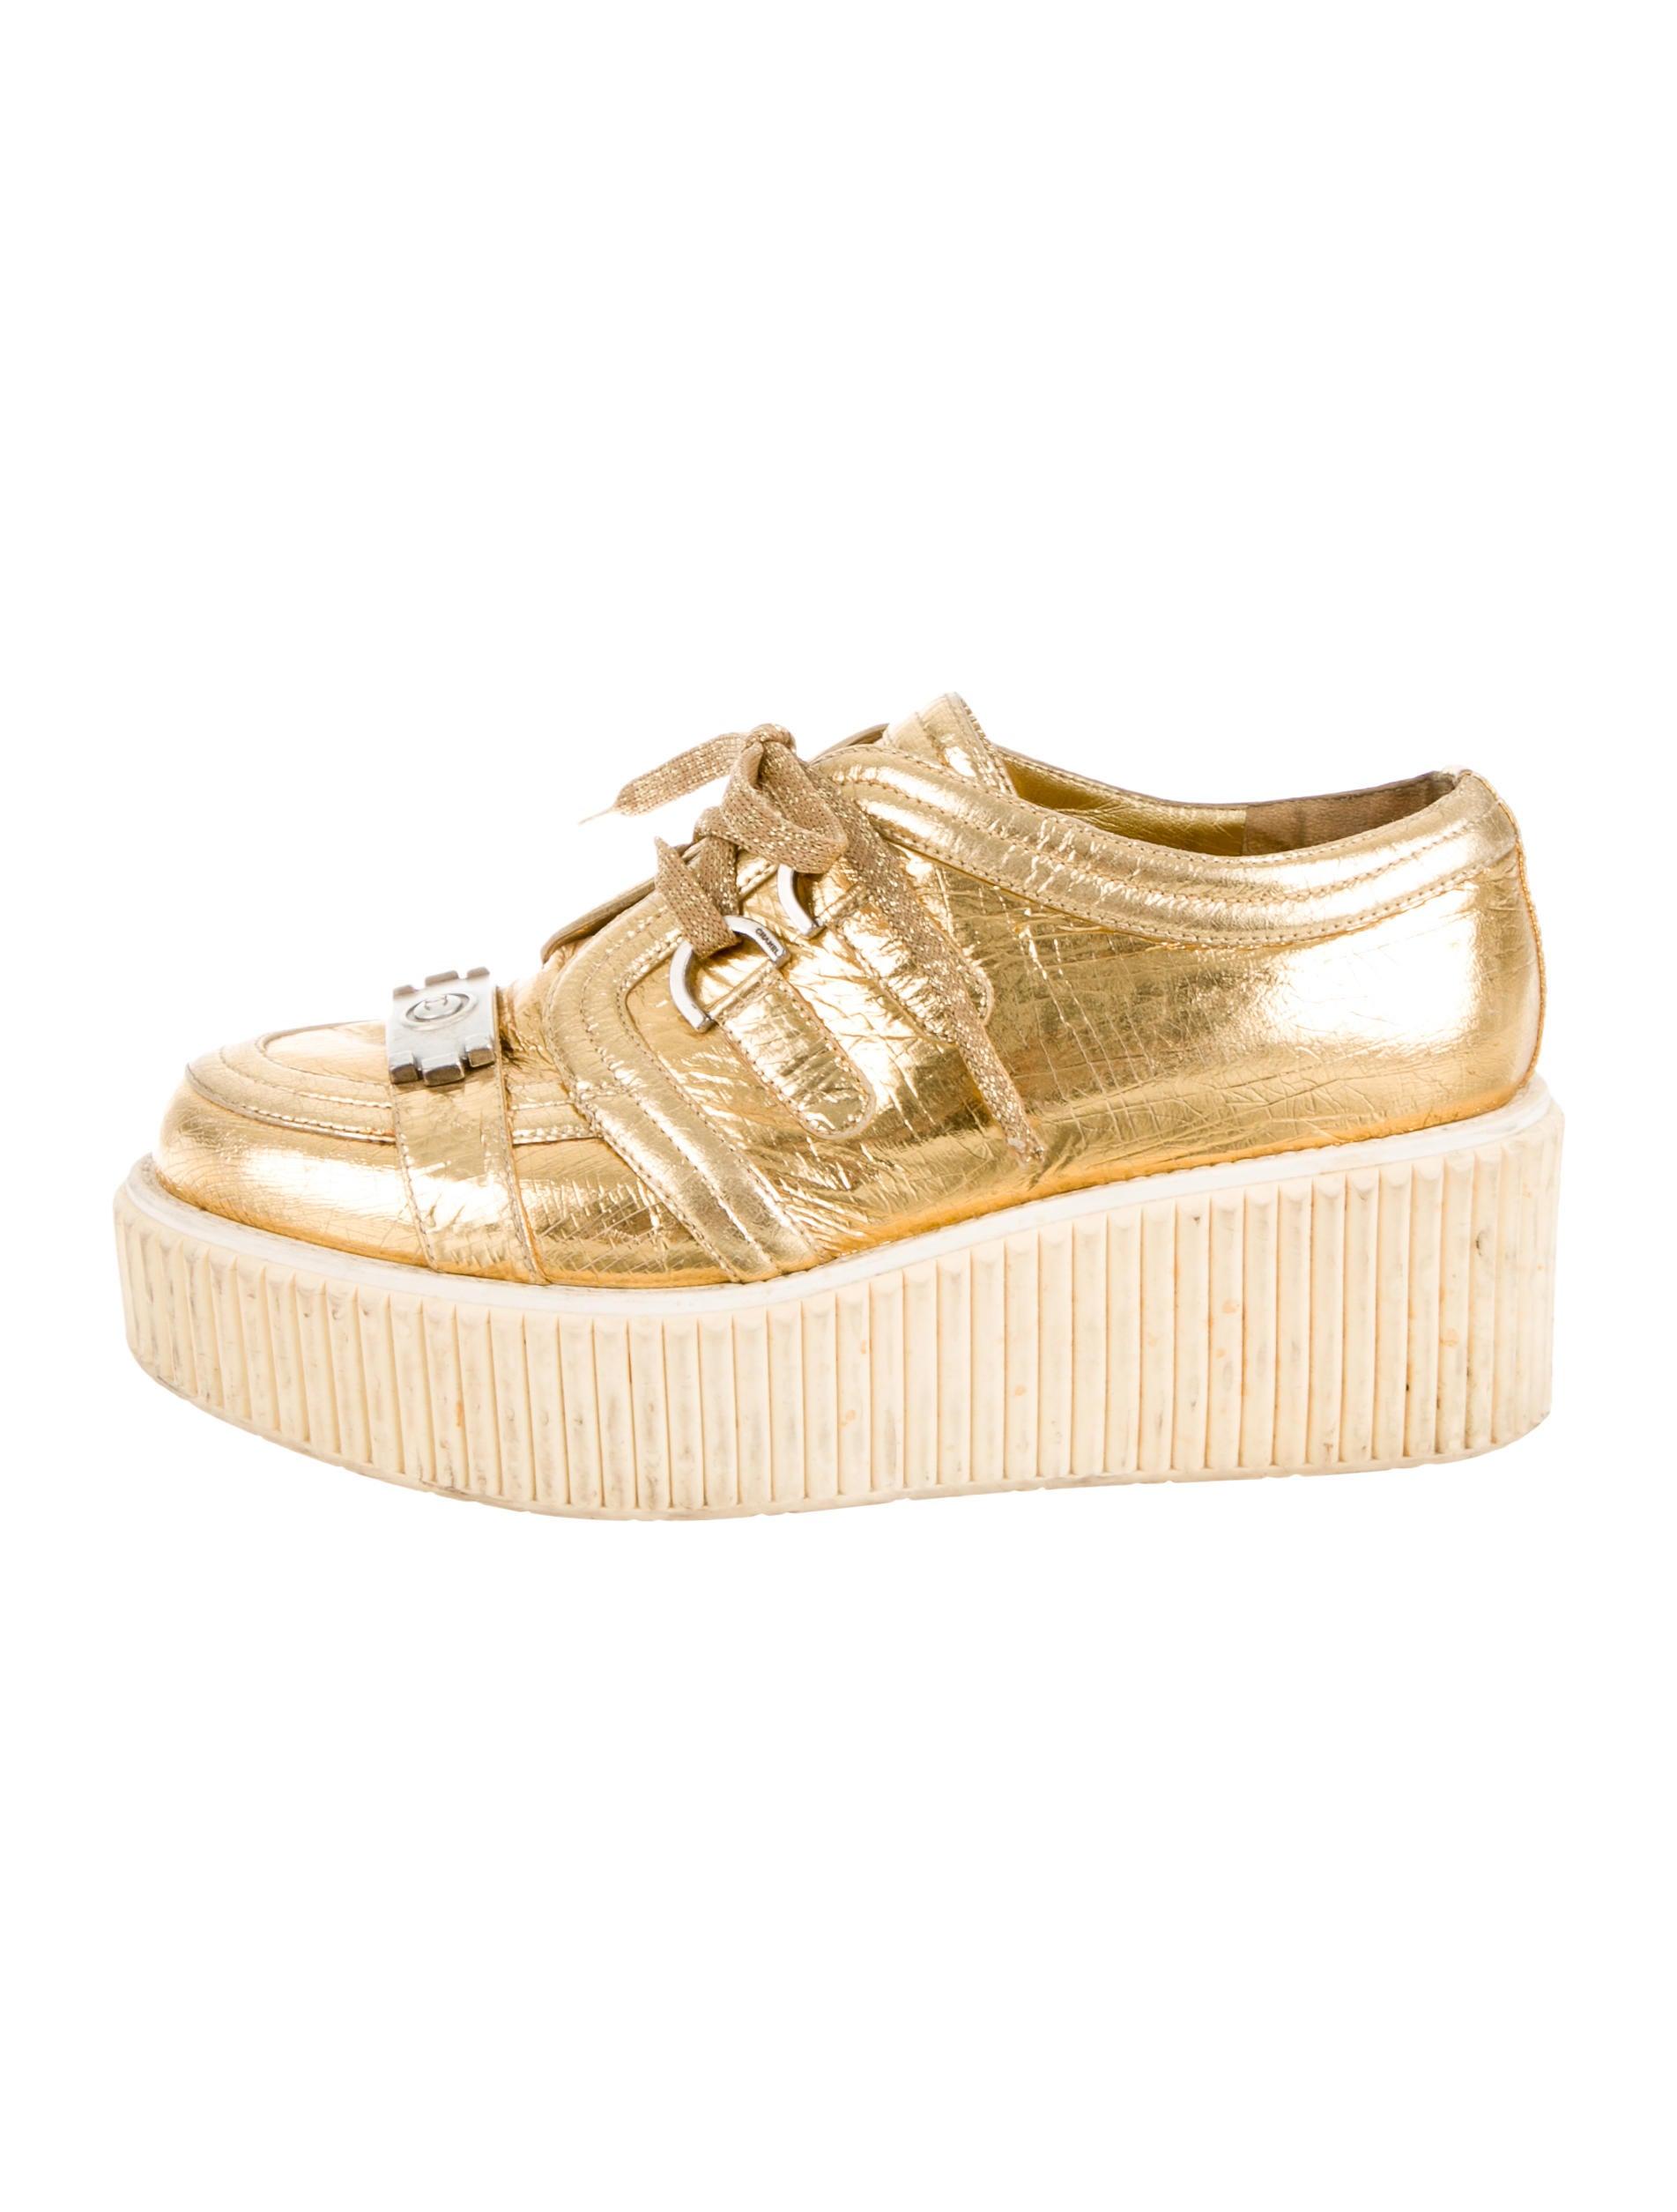 a974d59e32e Chanel Lamé Boy Creepers - Shoes - CHA88025